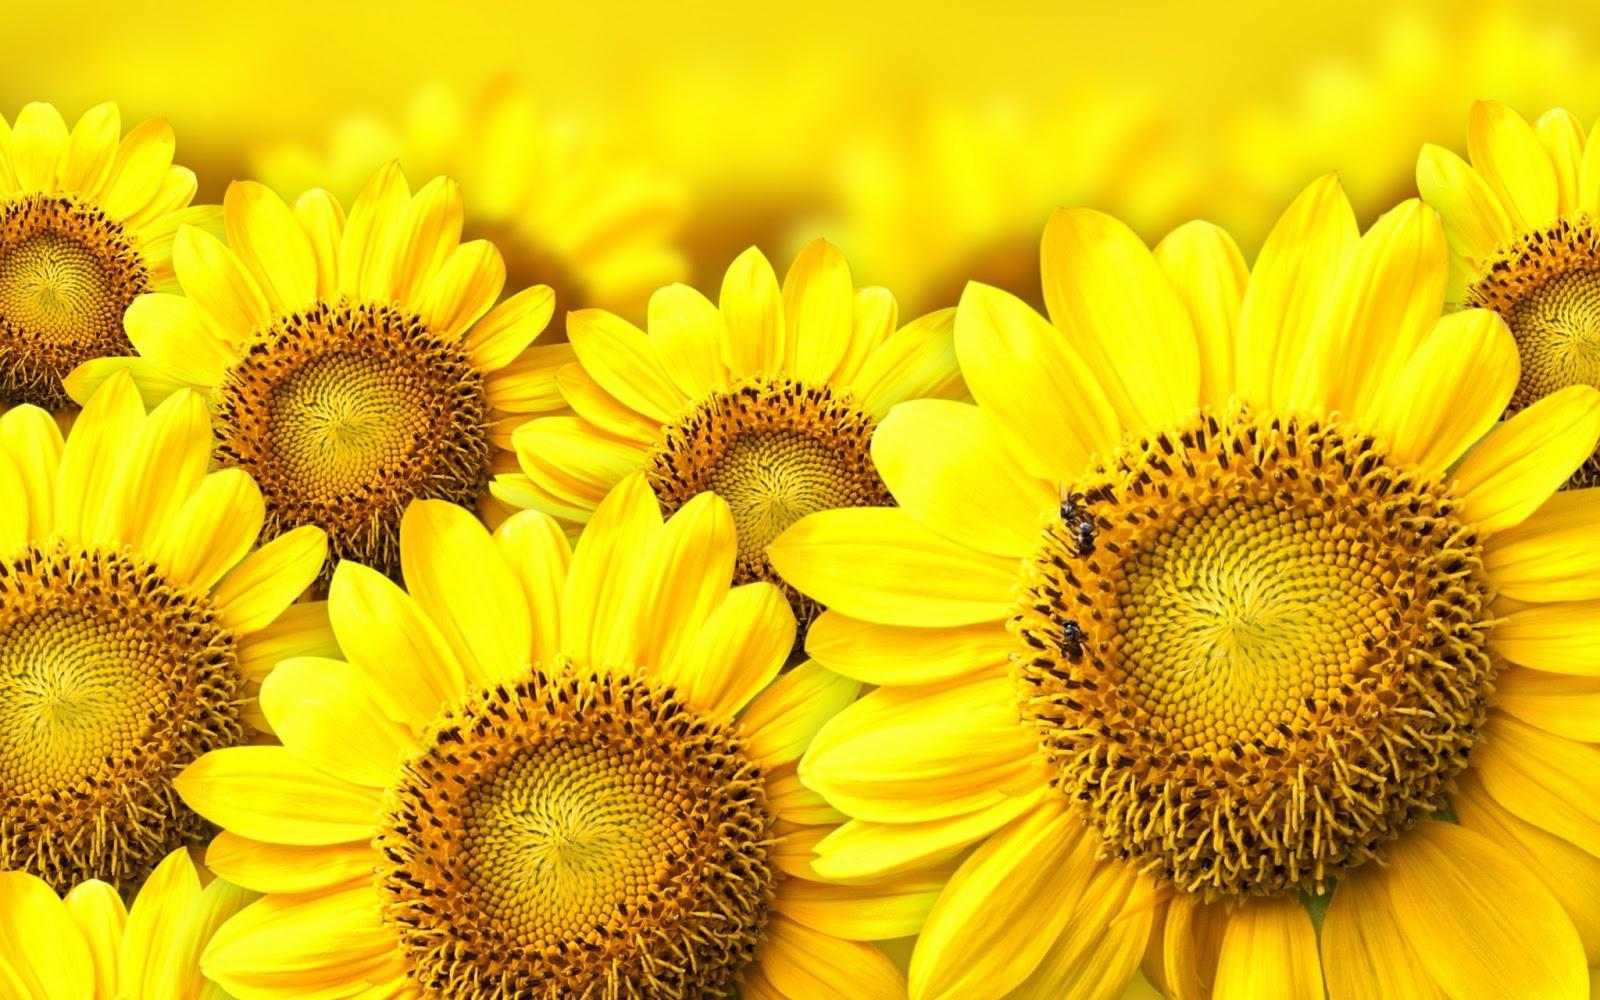 Girasoles amarillos fondos de pantalla hd wallpapers hd flores de girasoles amarillos fondos de pantalla hd de flores amarillas altavistaventures Choice Image